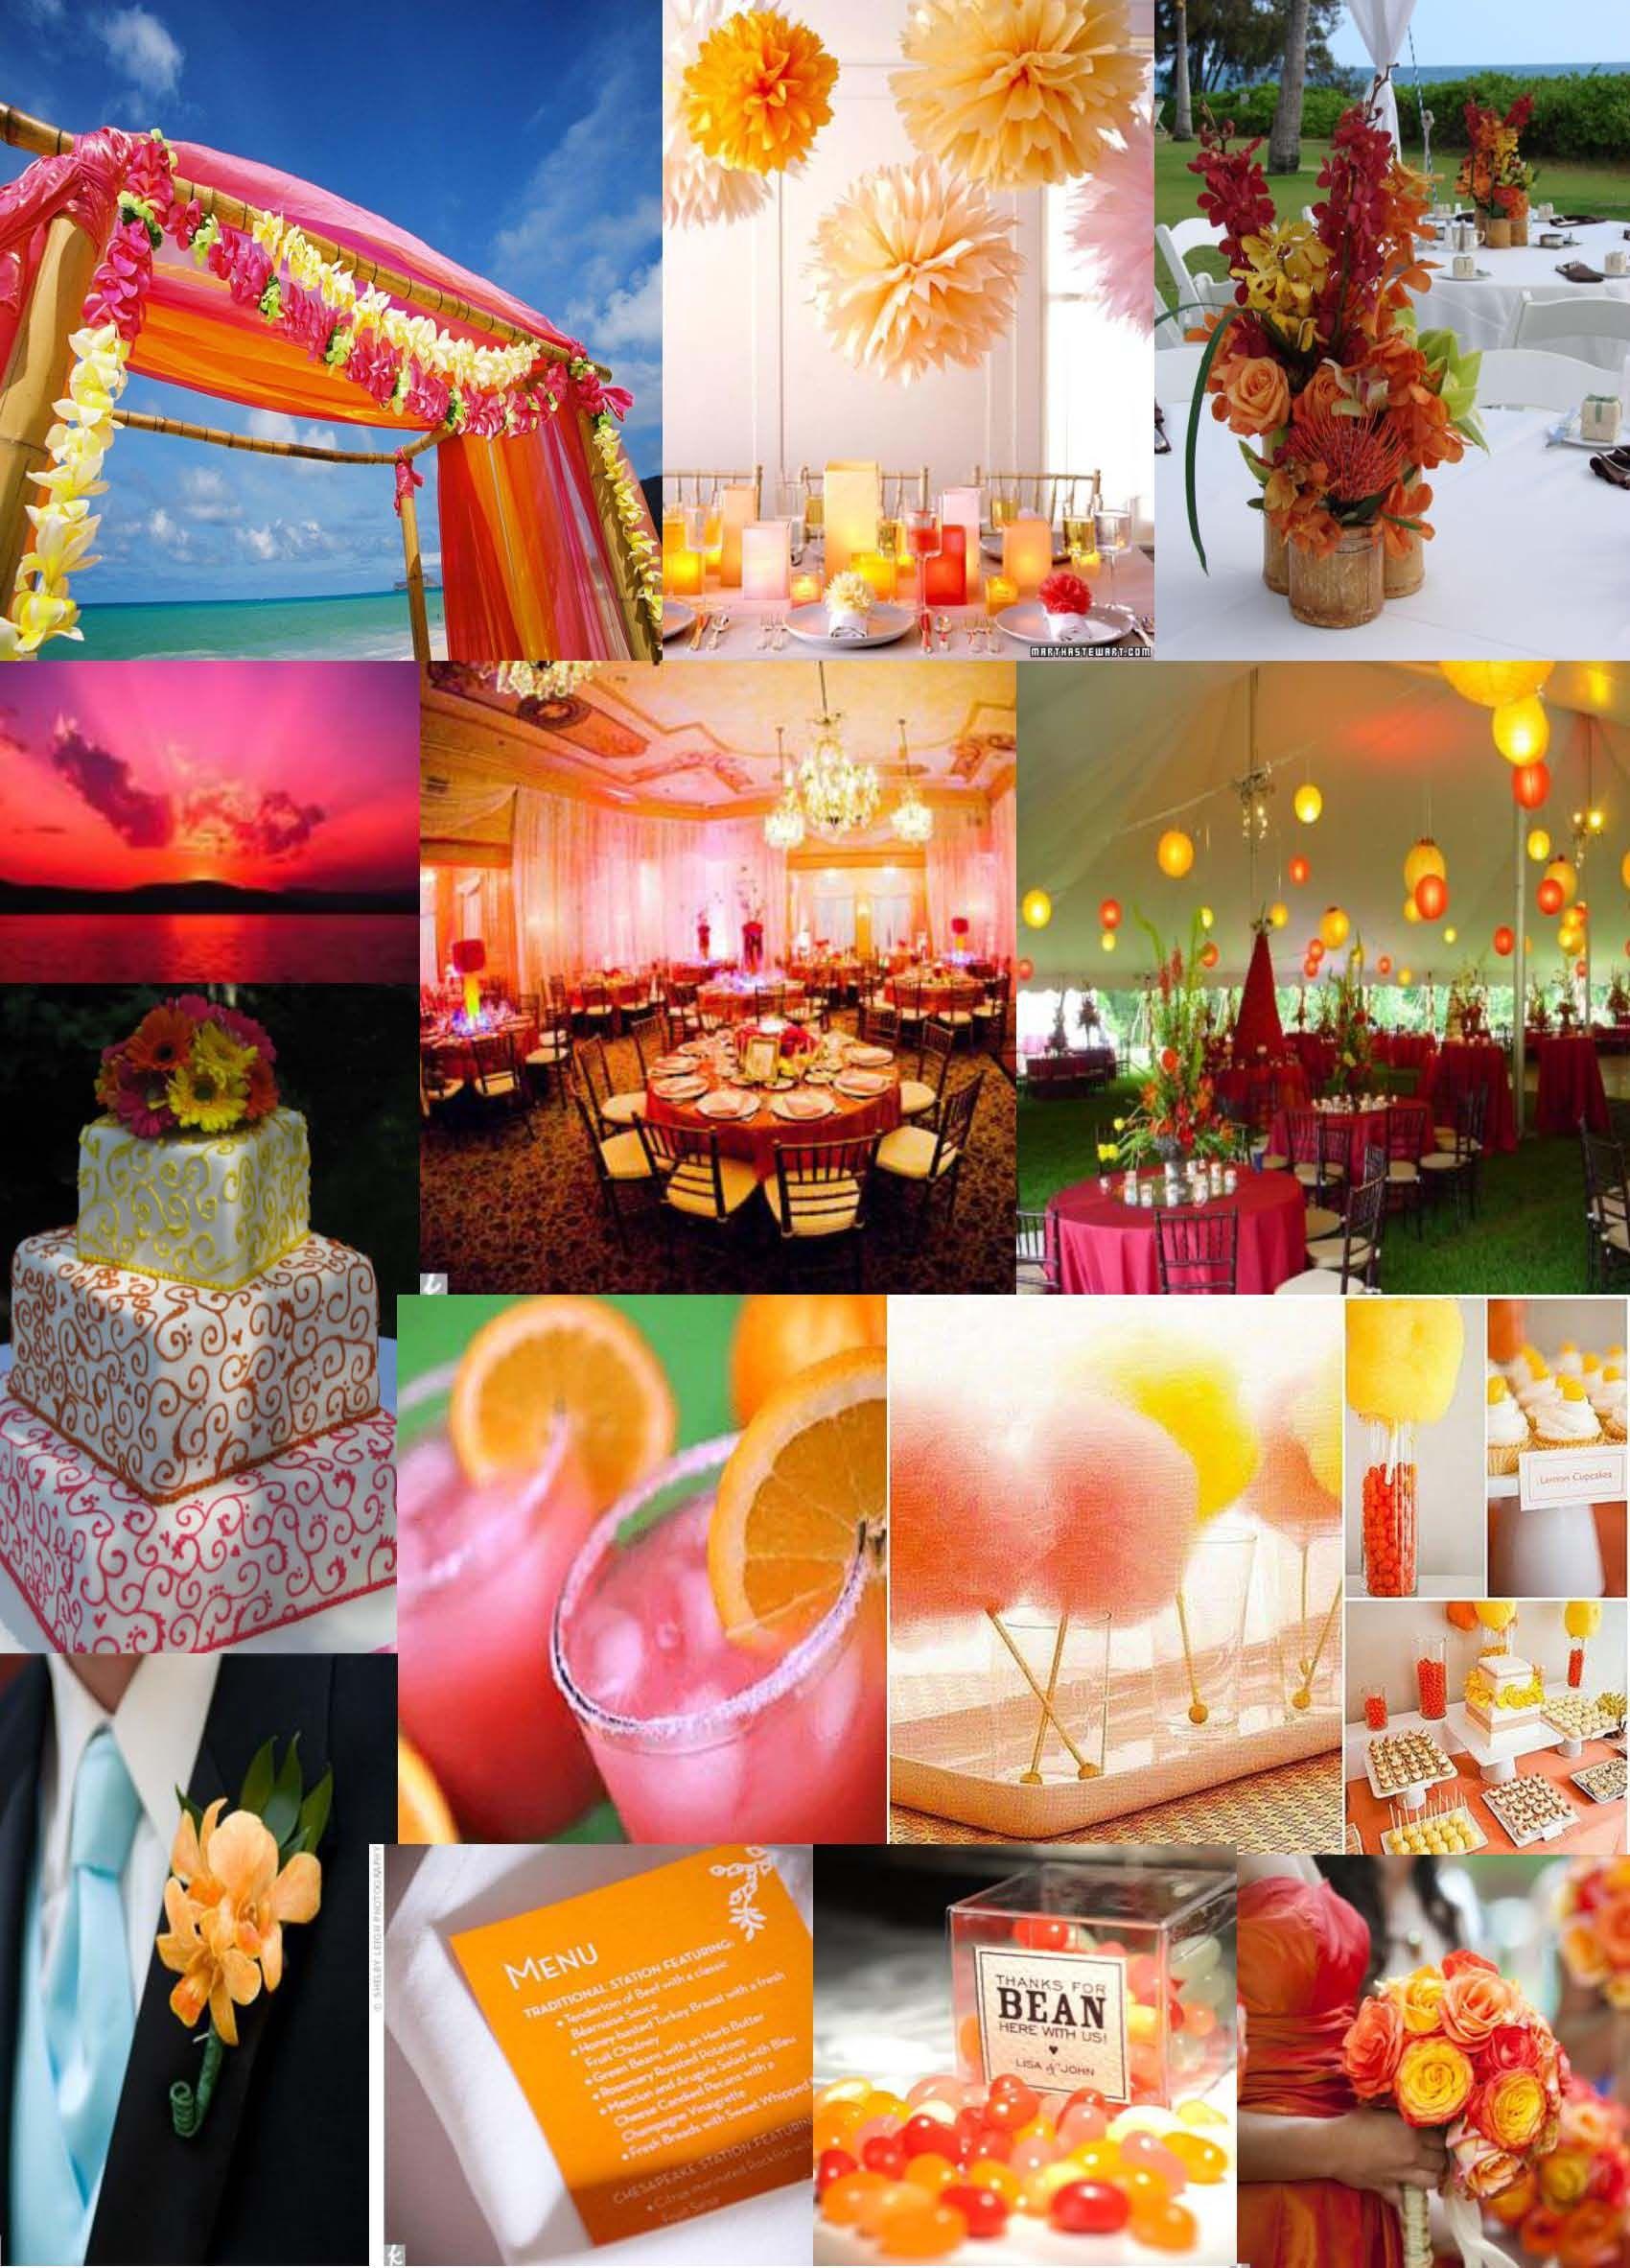 Pink Orange Color Board Weddings Events Brightcolors Pink Orange Event Venues Event Orange Color